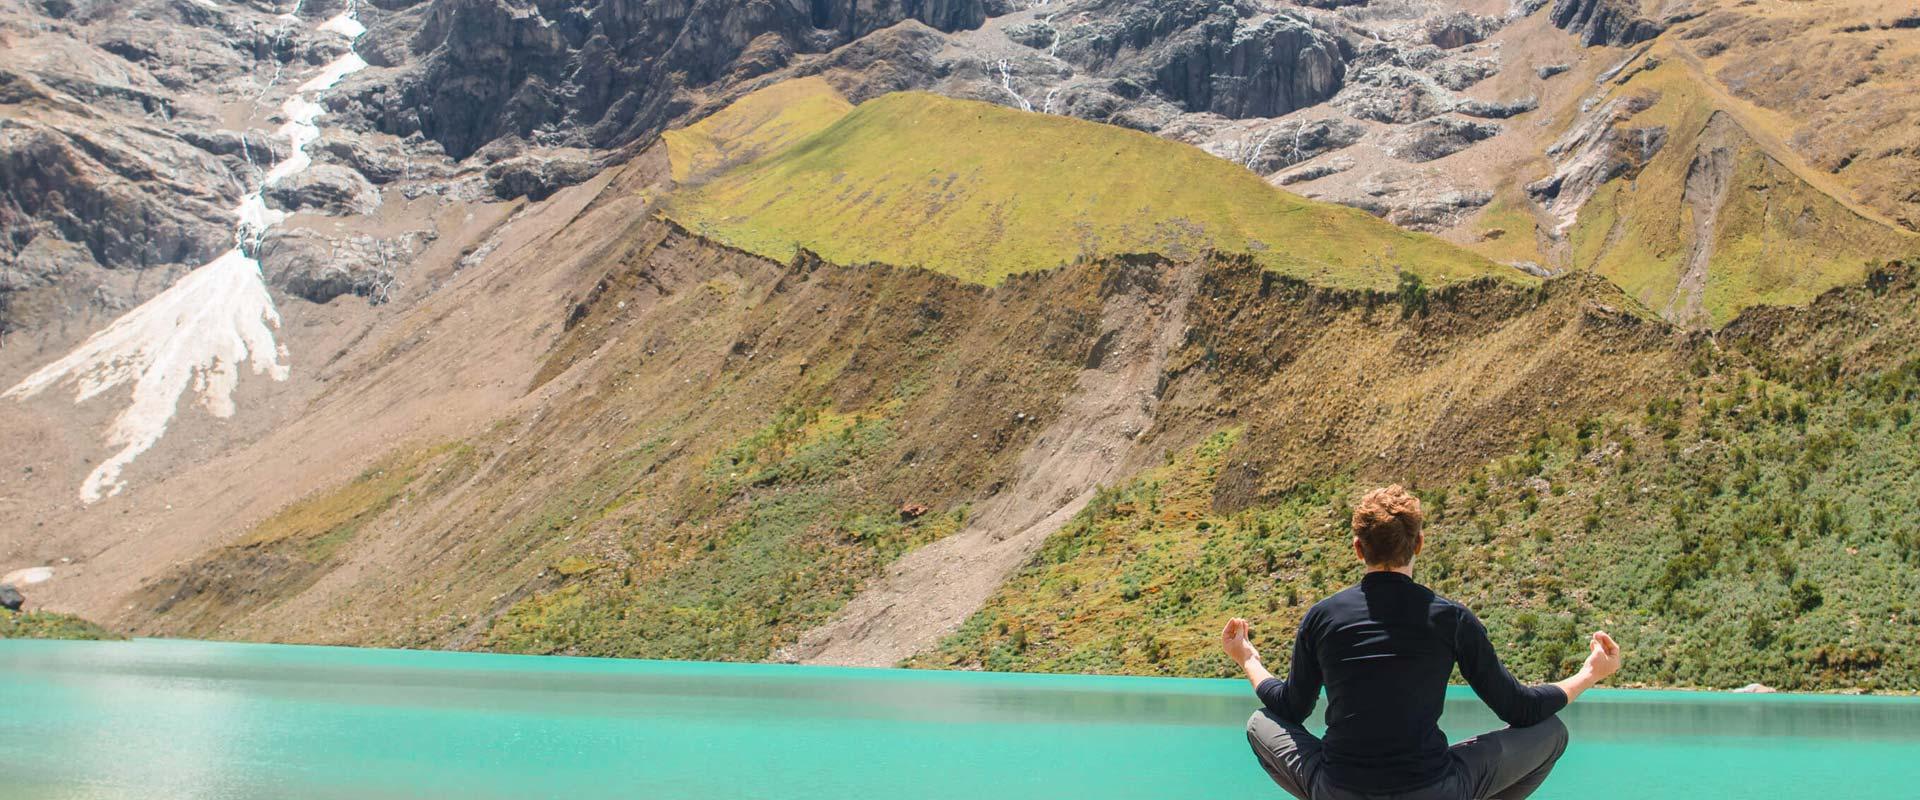 humantay lake (3)